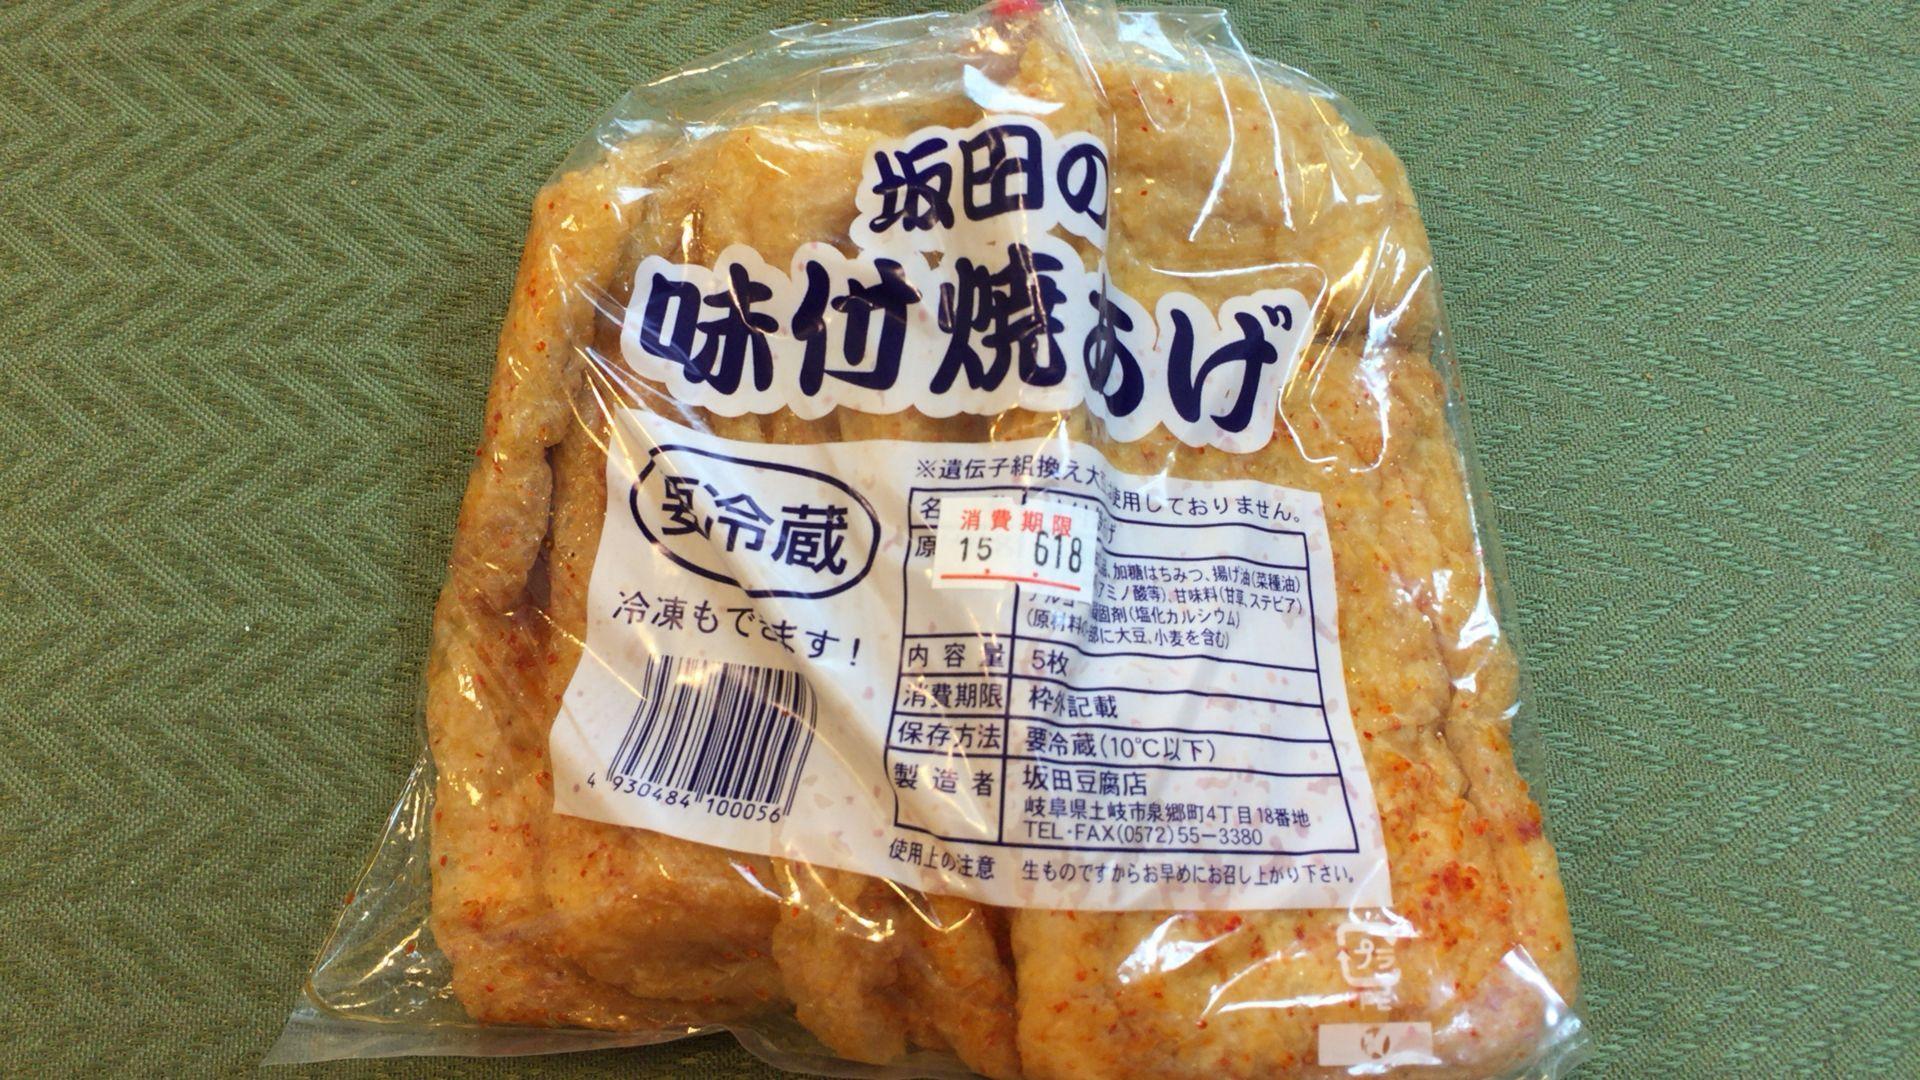 坂田豆腐店